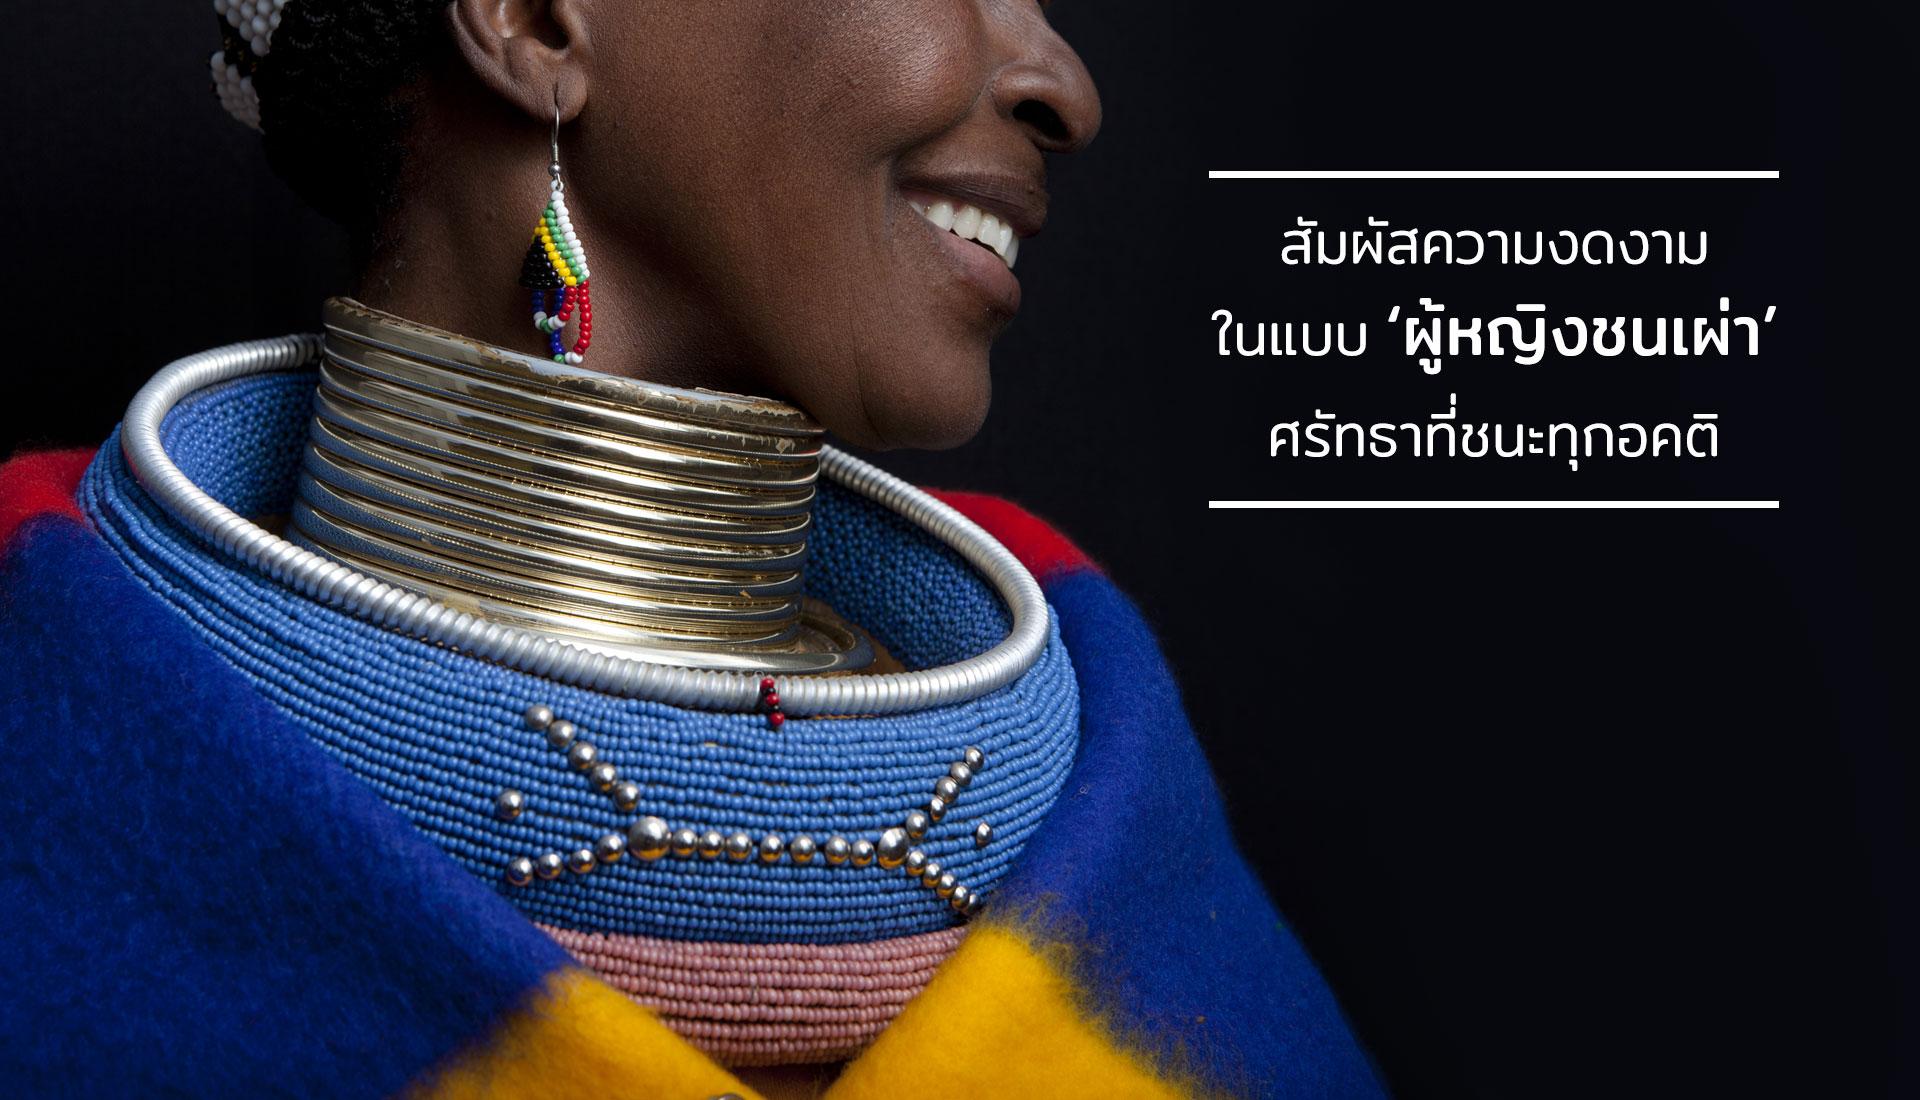 ผู้หญิงชนเผ่า